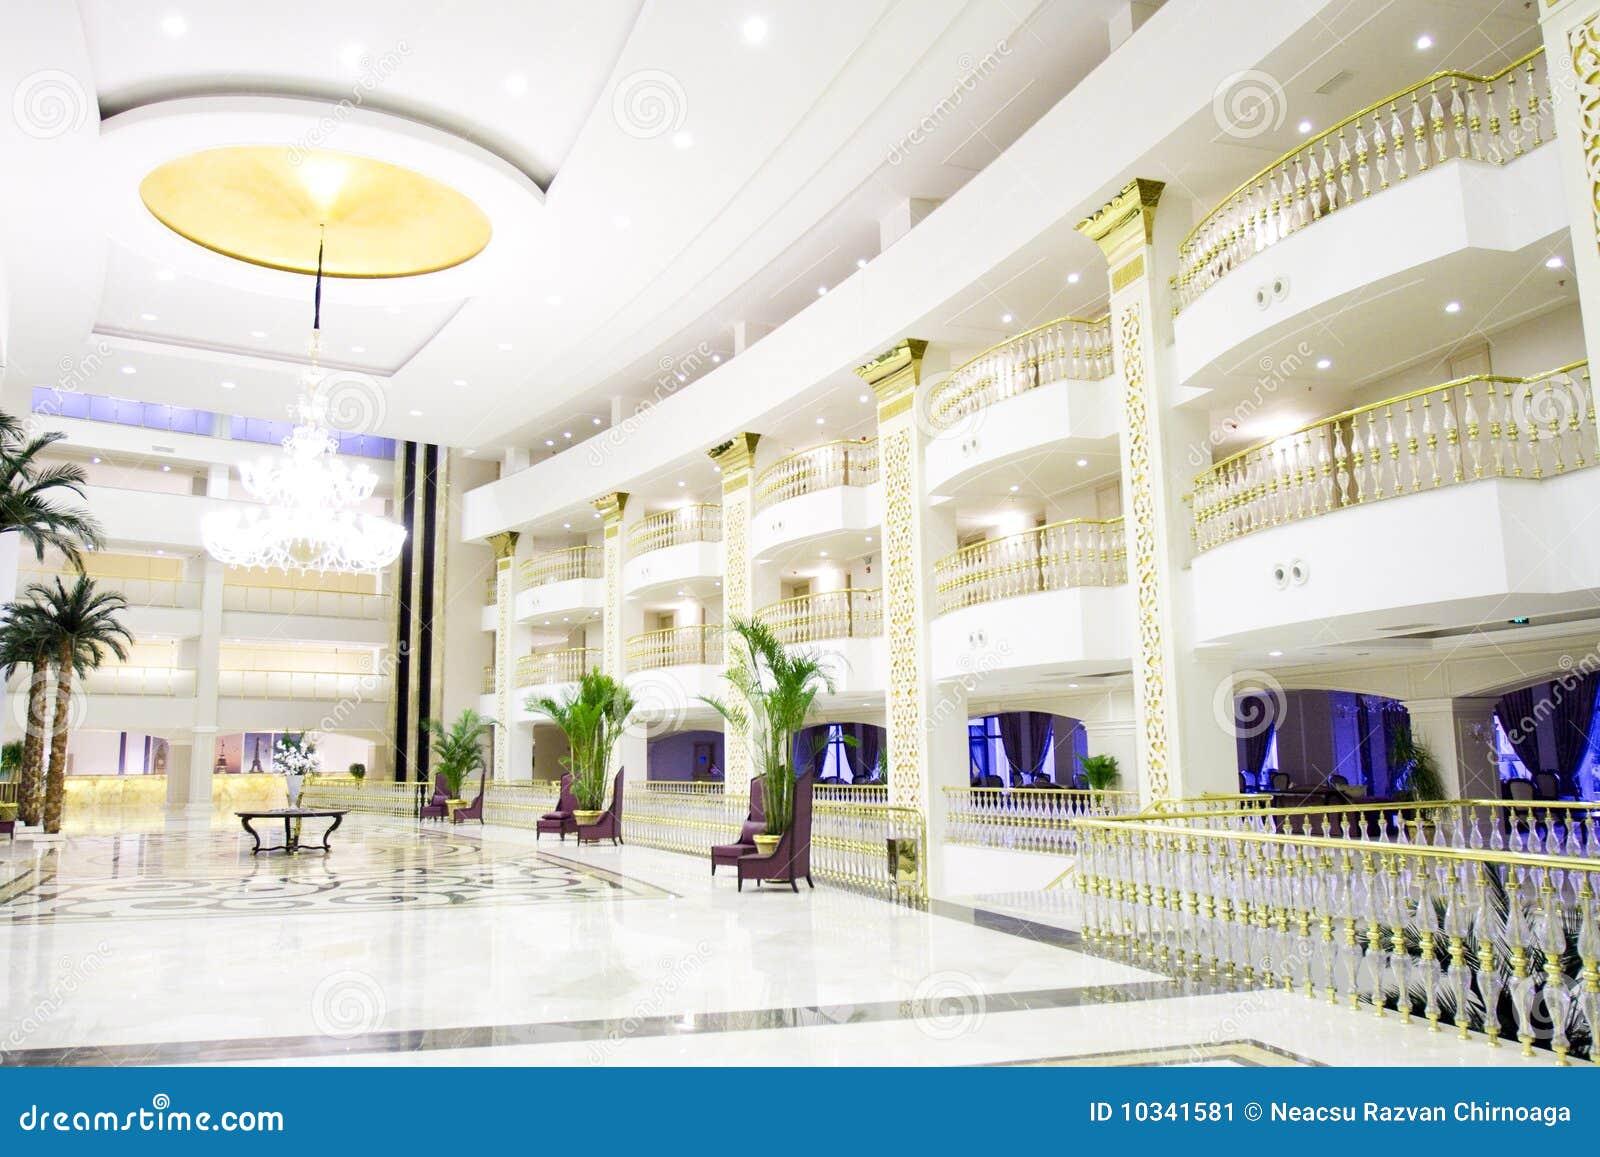 Hotel Di Lusso Interni : Lusso interno dellingresso dellhotel moderno immagine stock